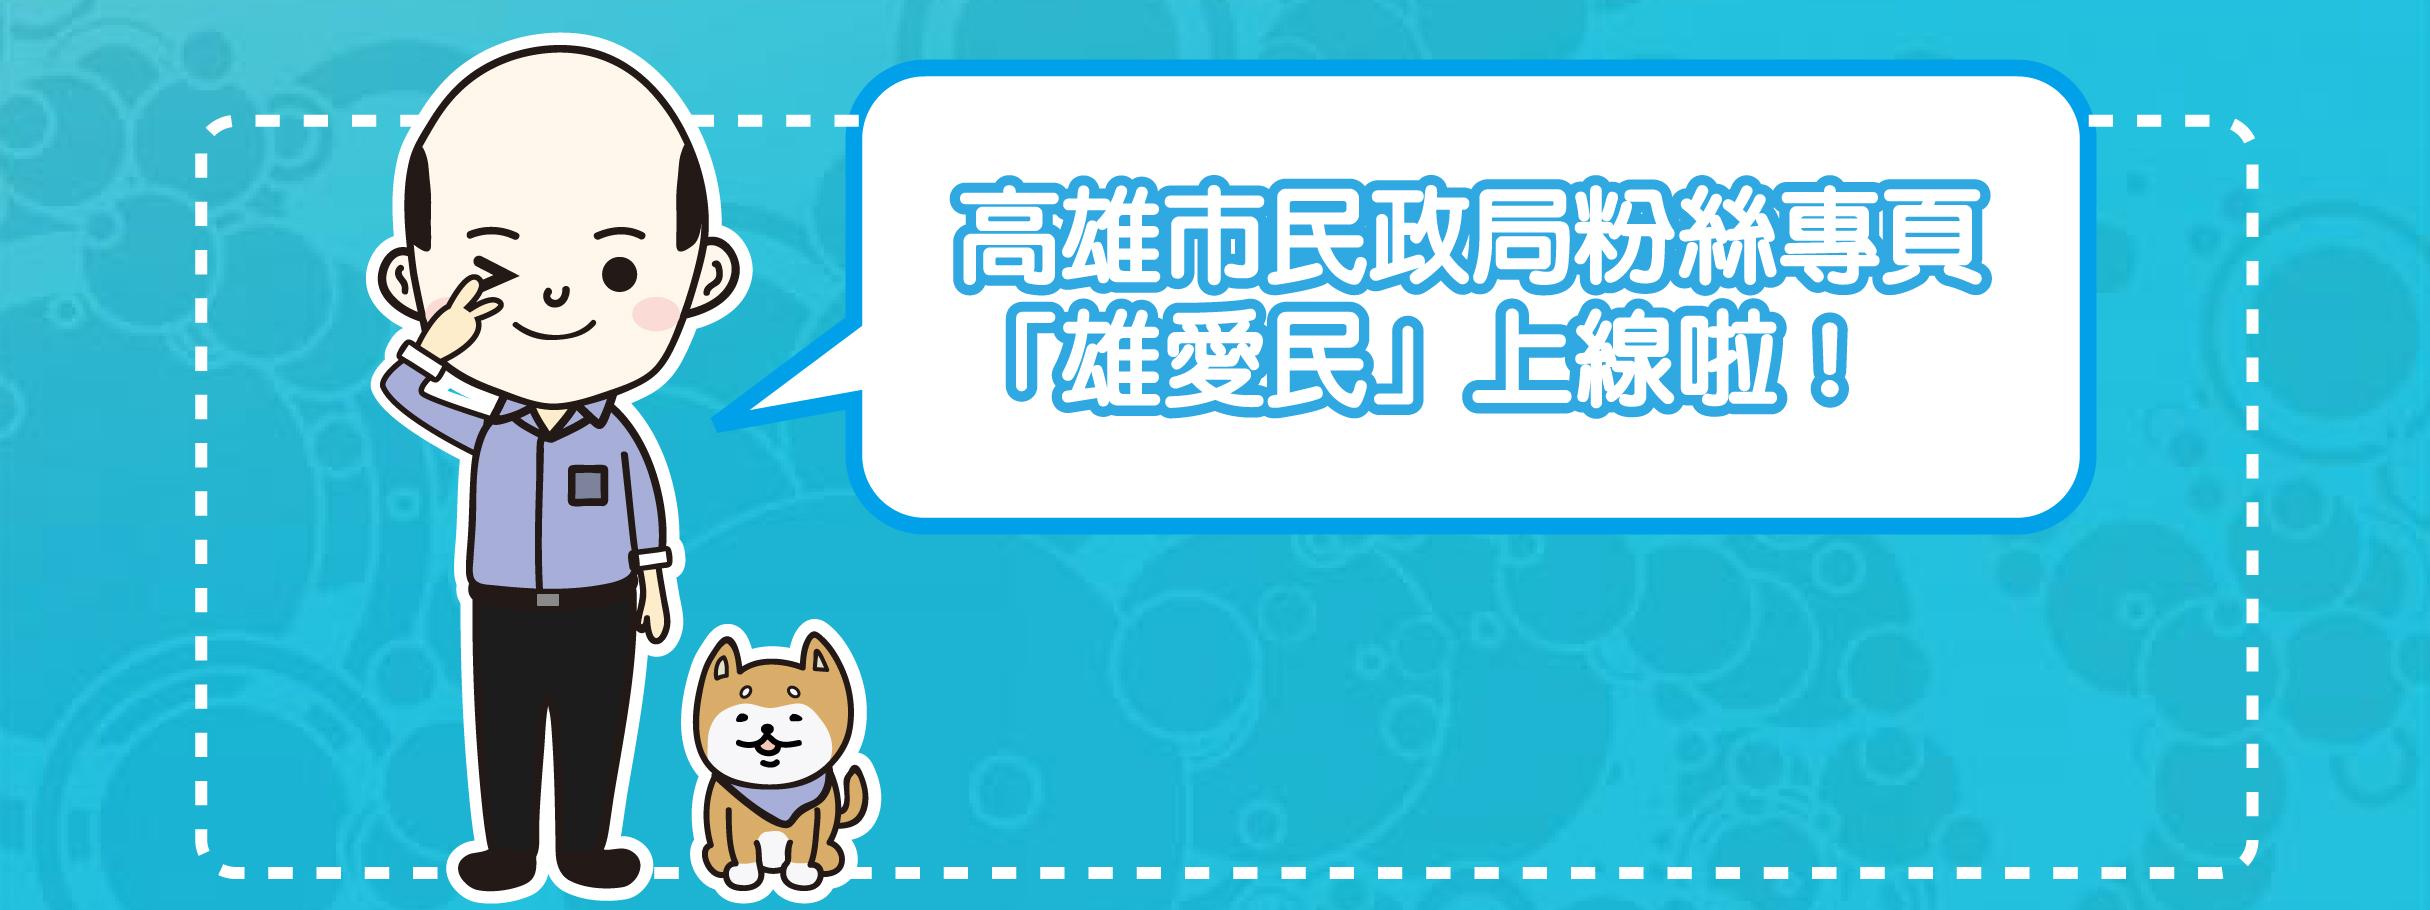 高雄市政府民政局-雄愛民粉絲專頁